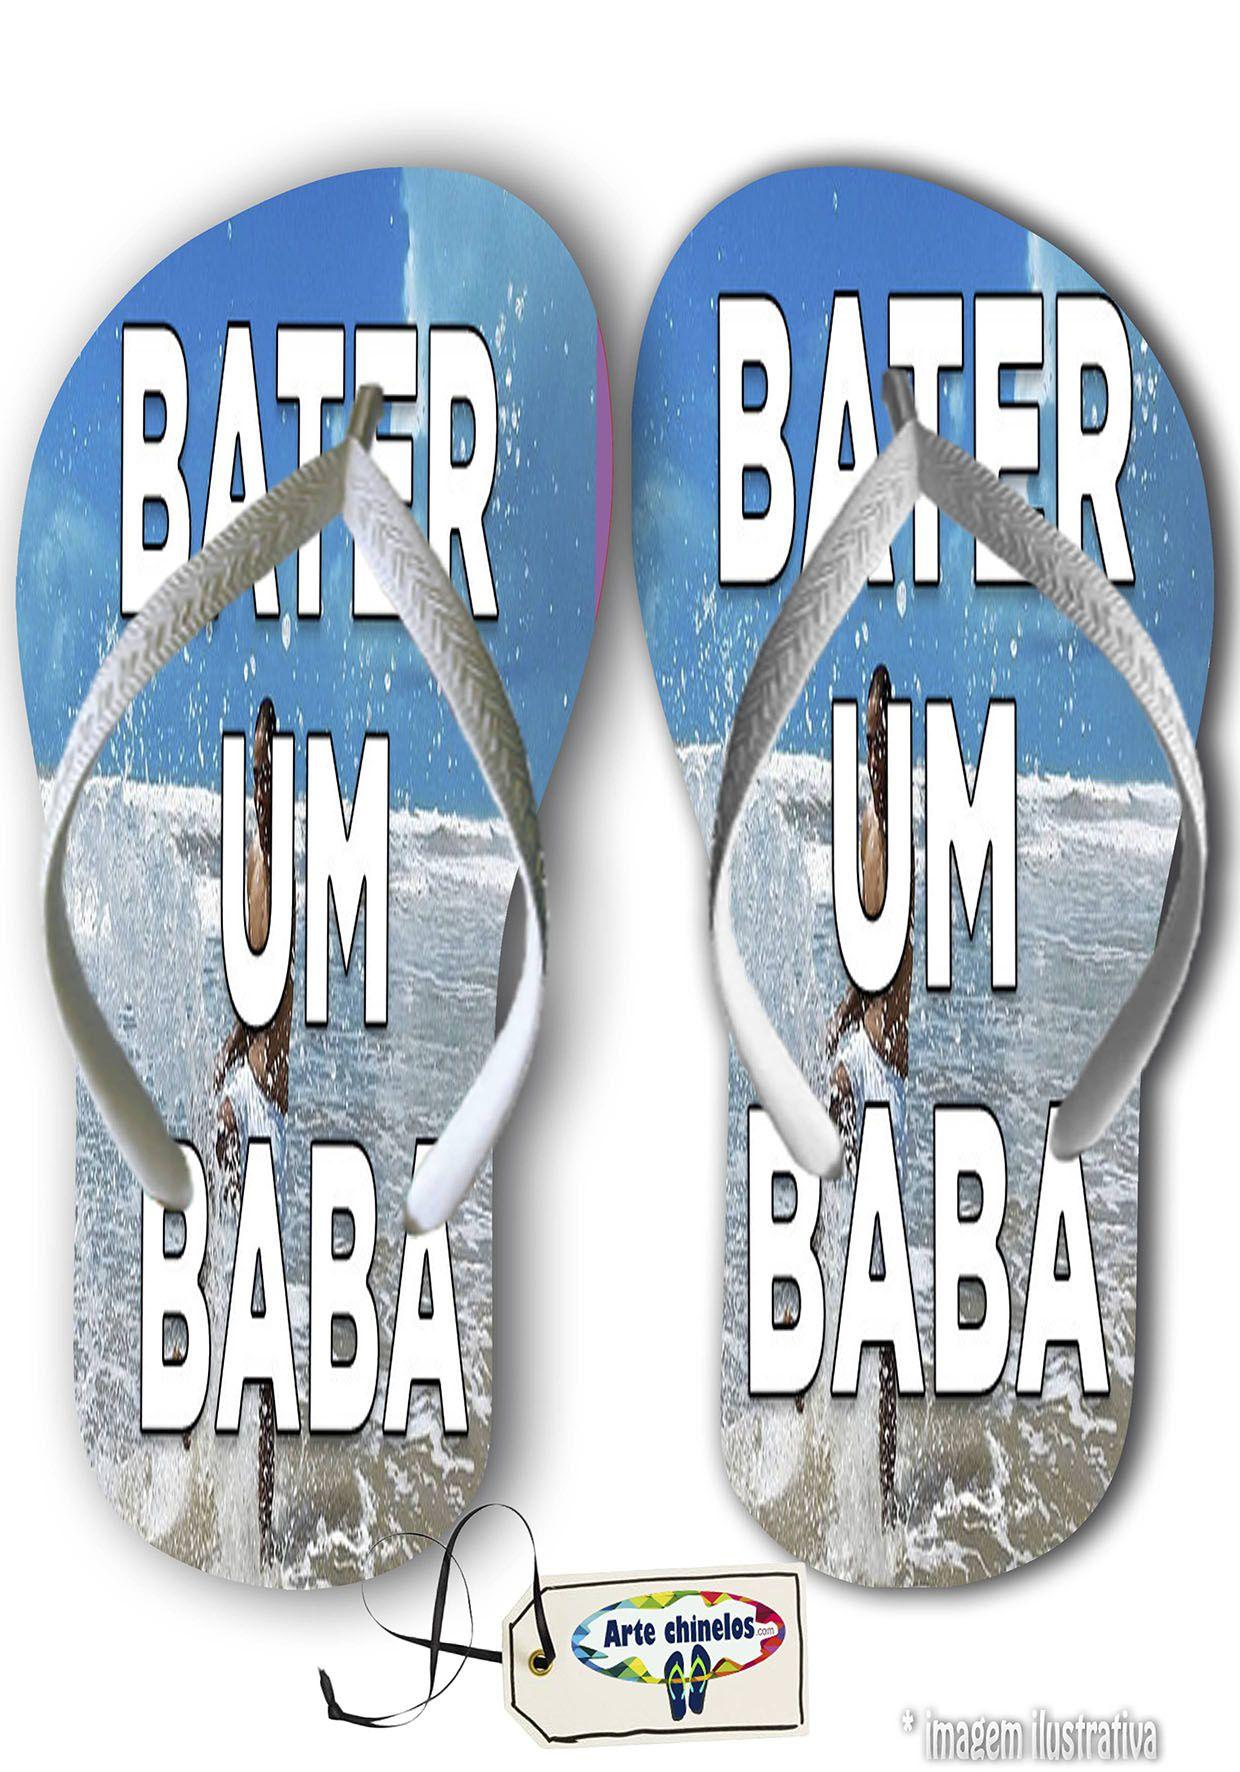 Kit com 12 pares de chinelos atacado para revenda Salvador - BA Mod. 08